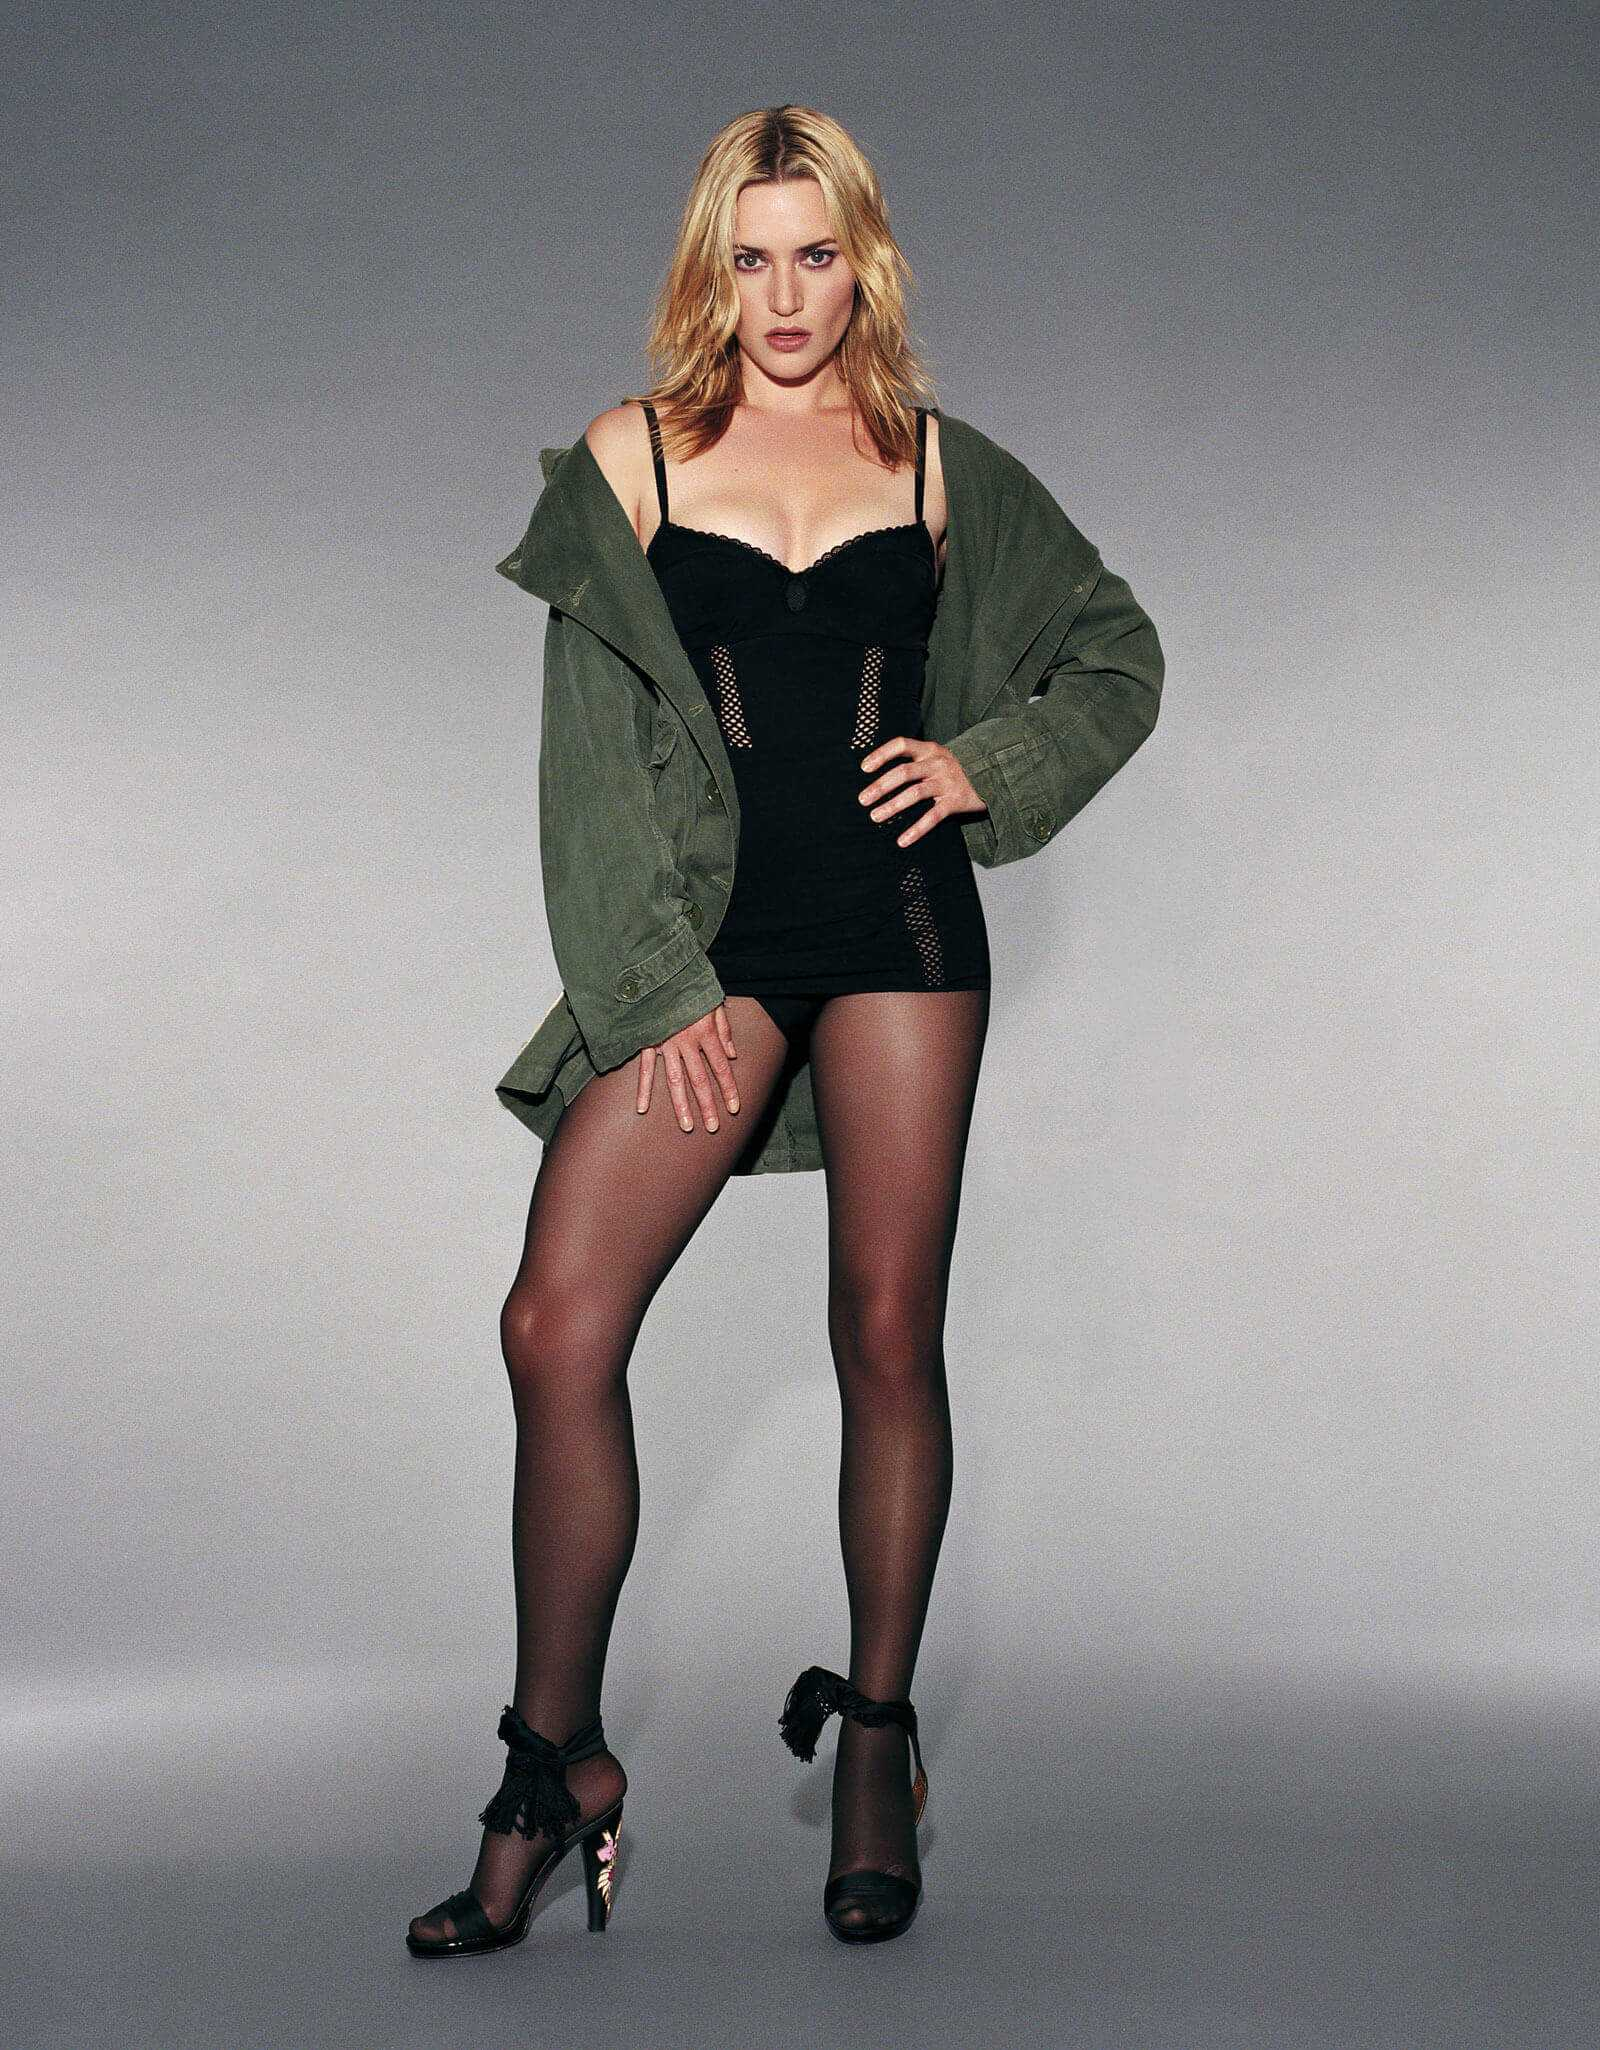 Kate Winslet hot lingerie pics